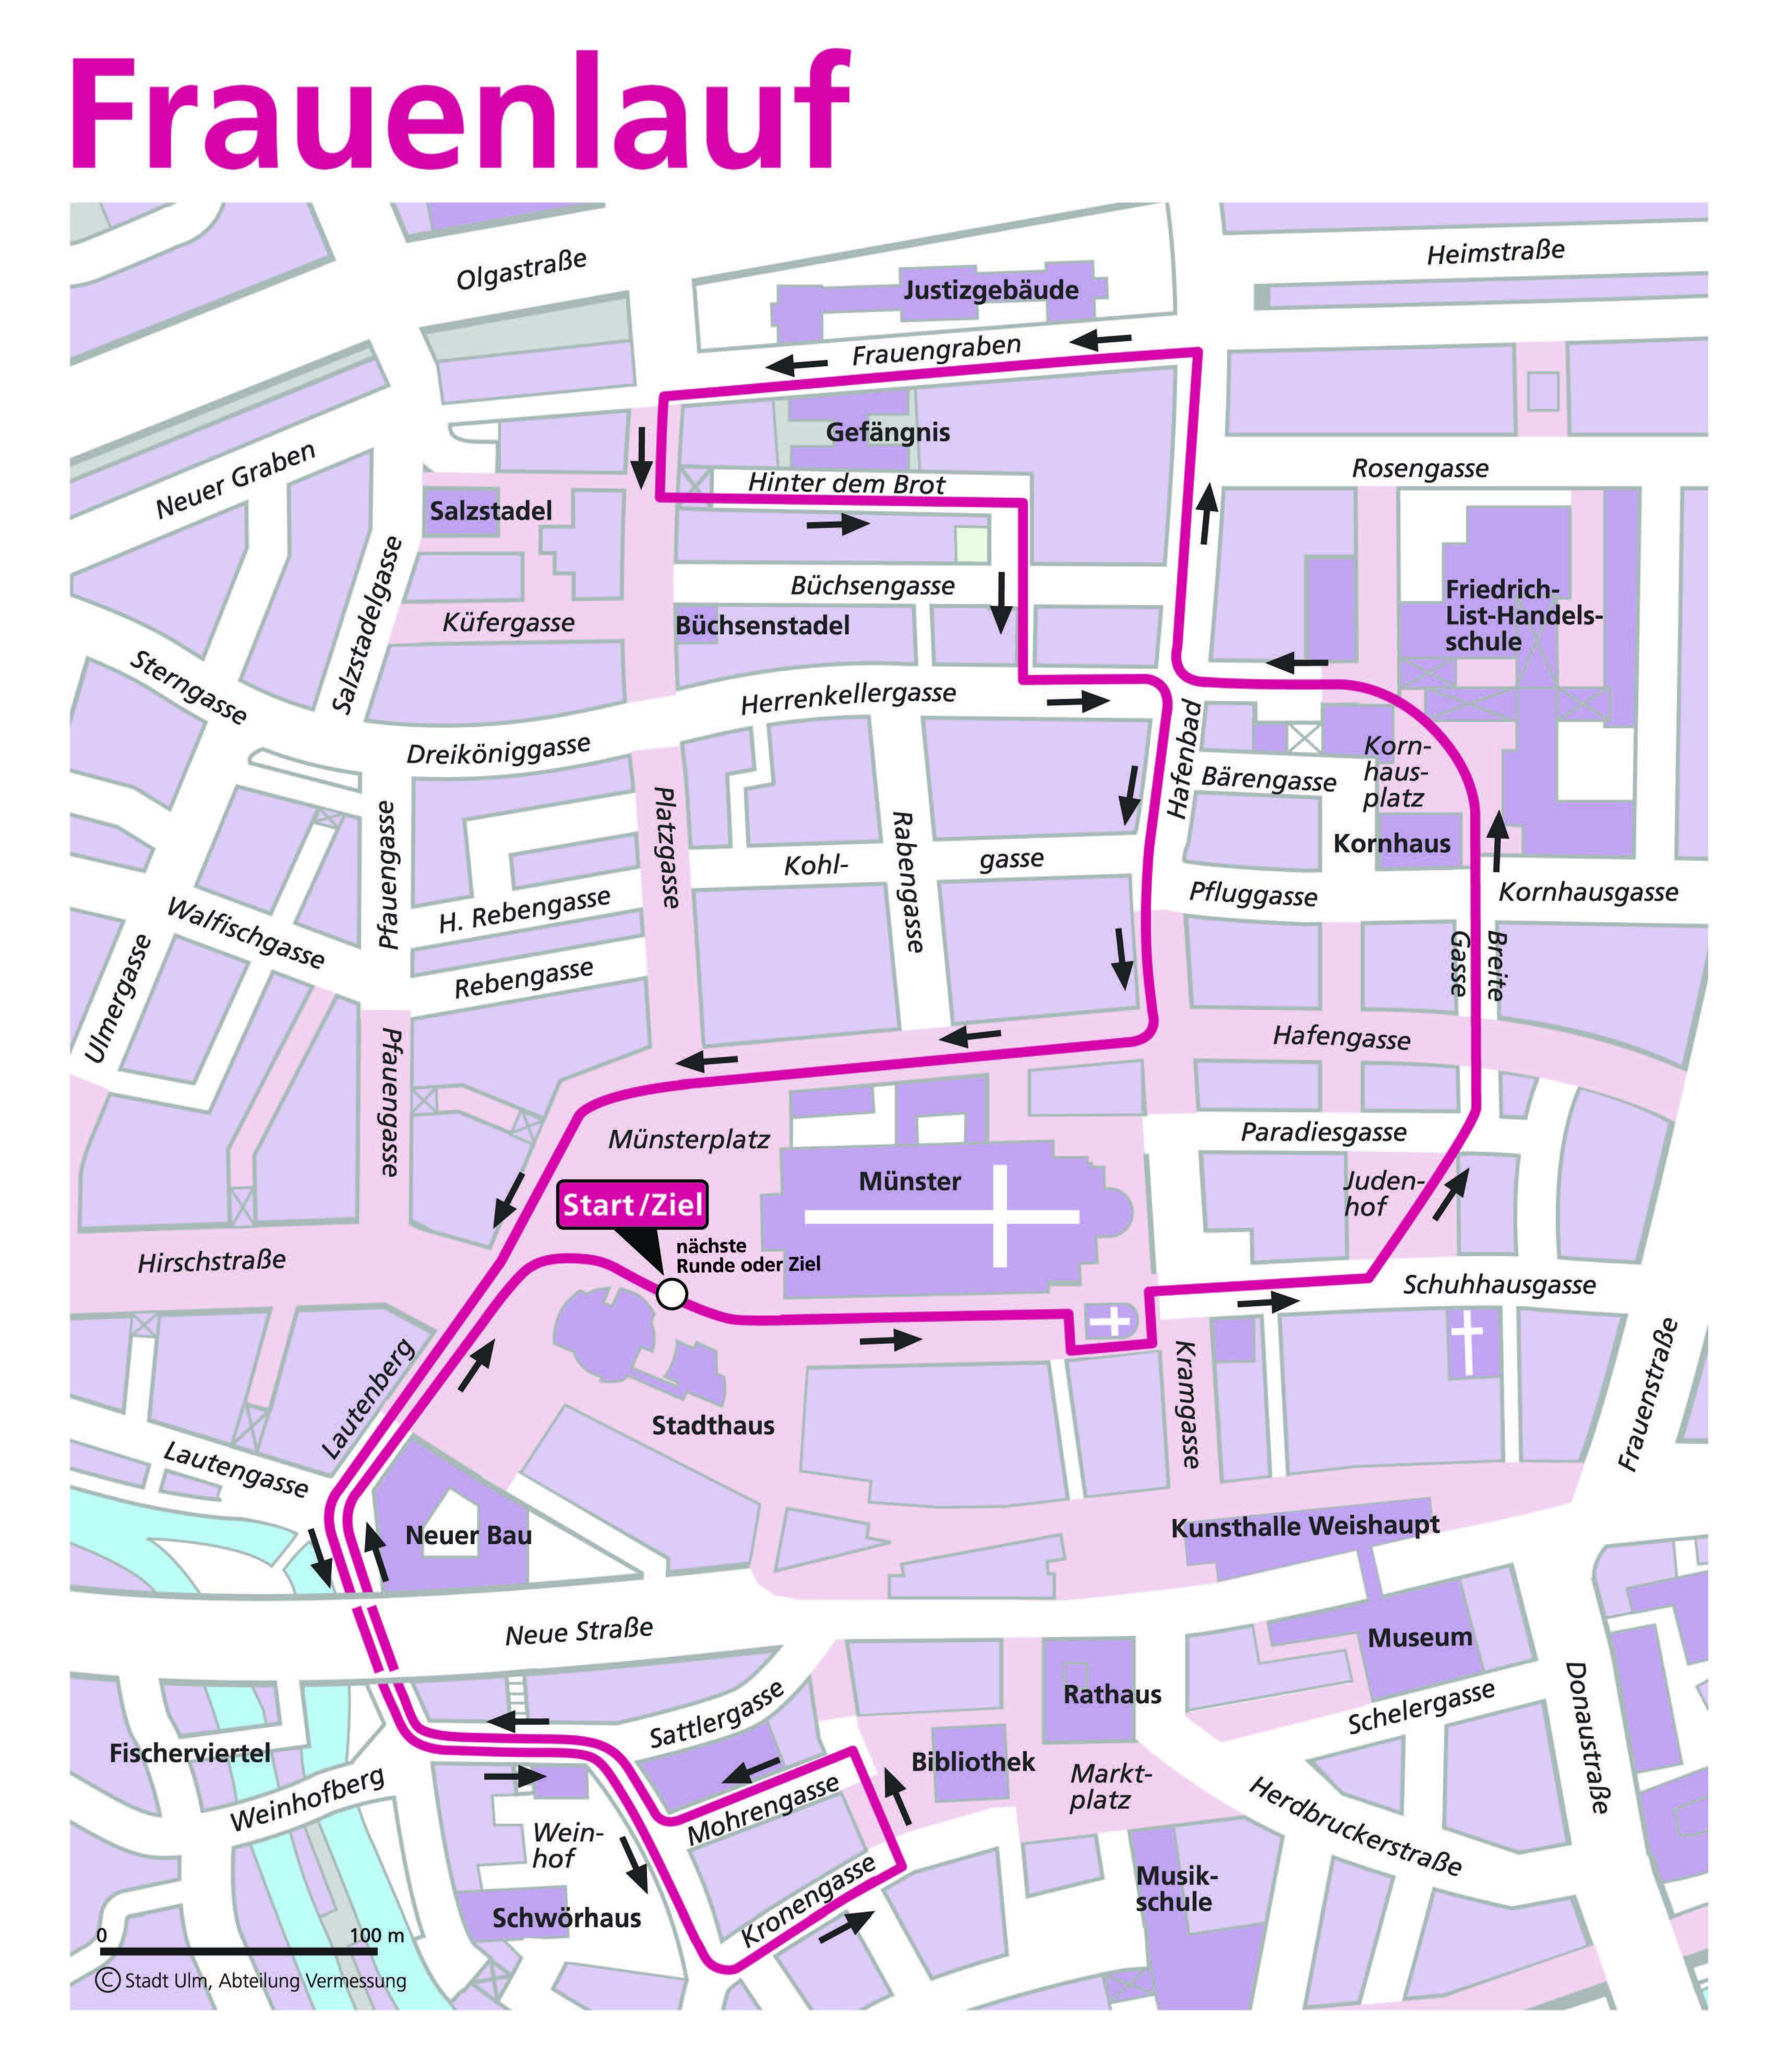 Strecke Und Zielbereich 6 Ulmer Frauenlauf